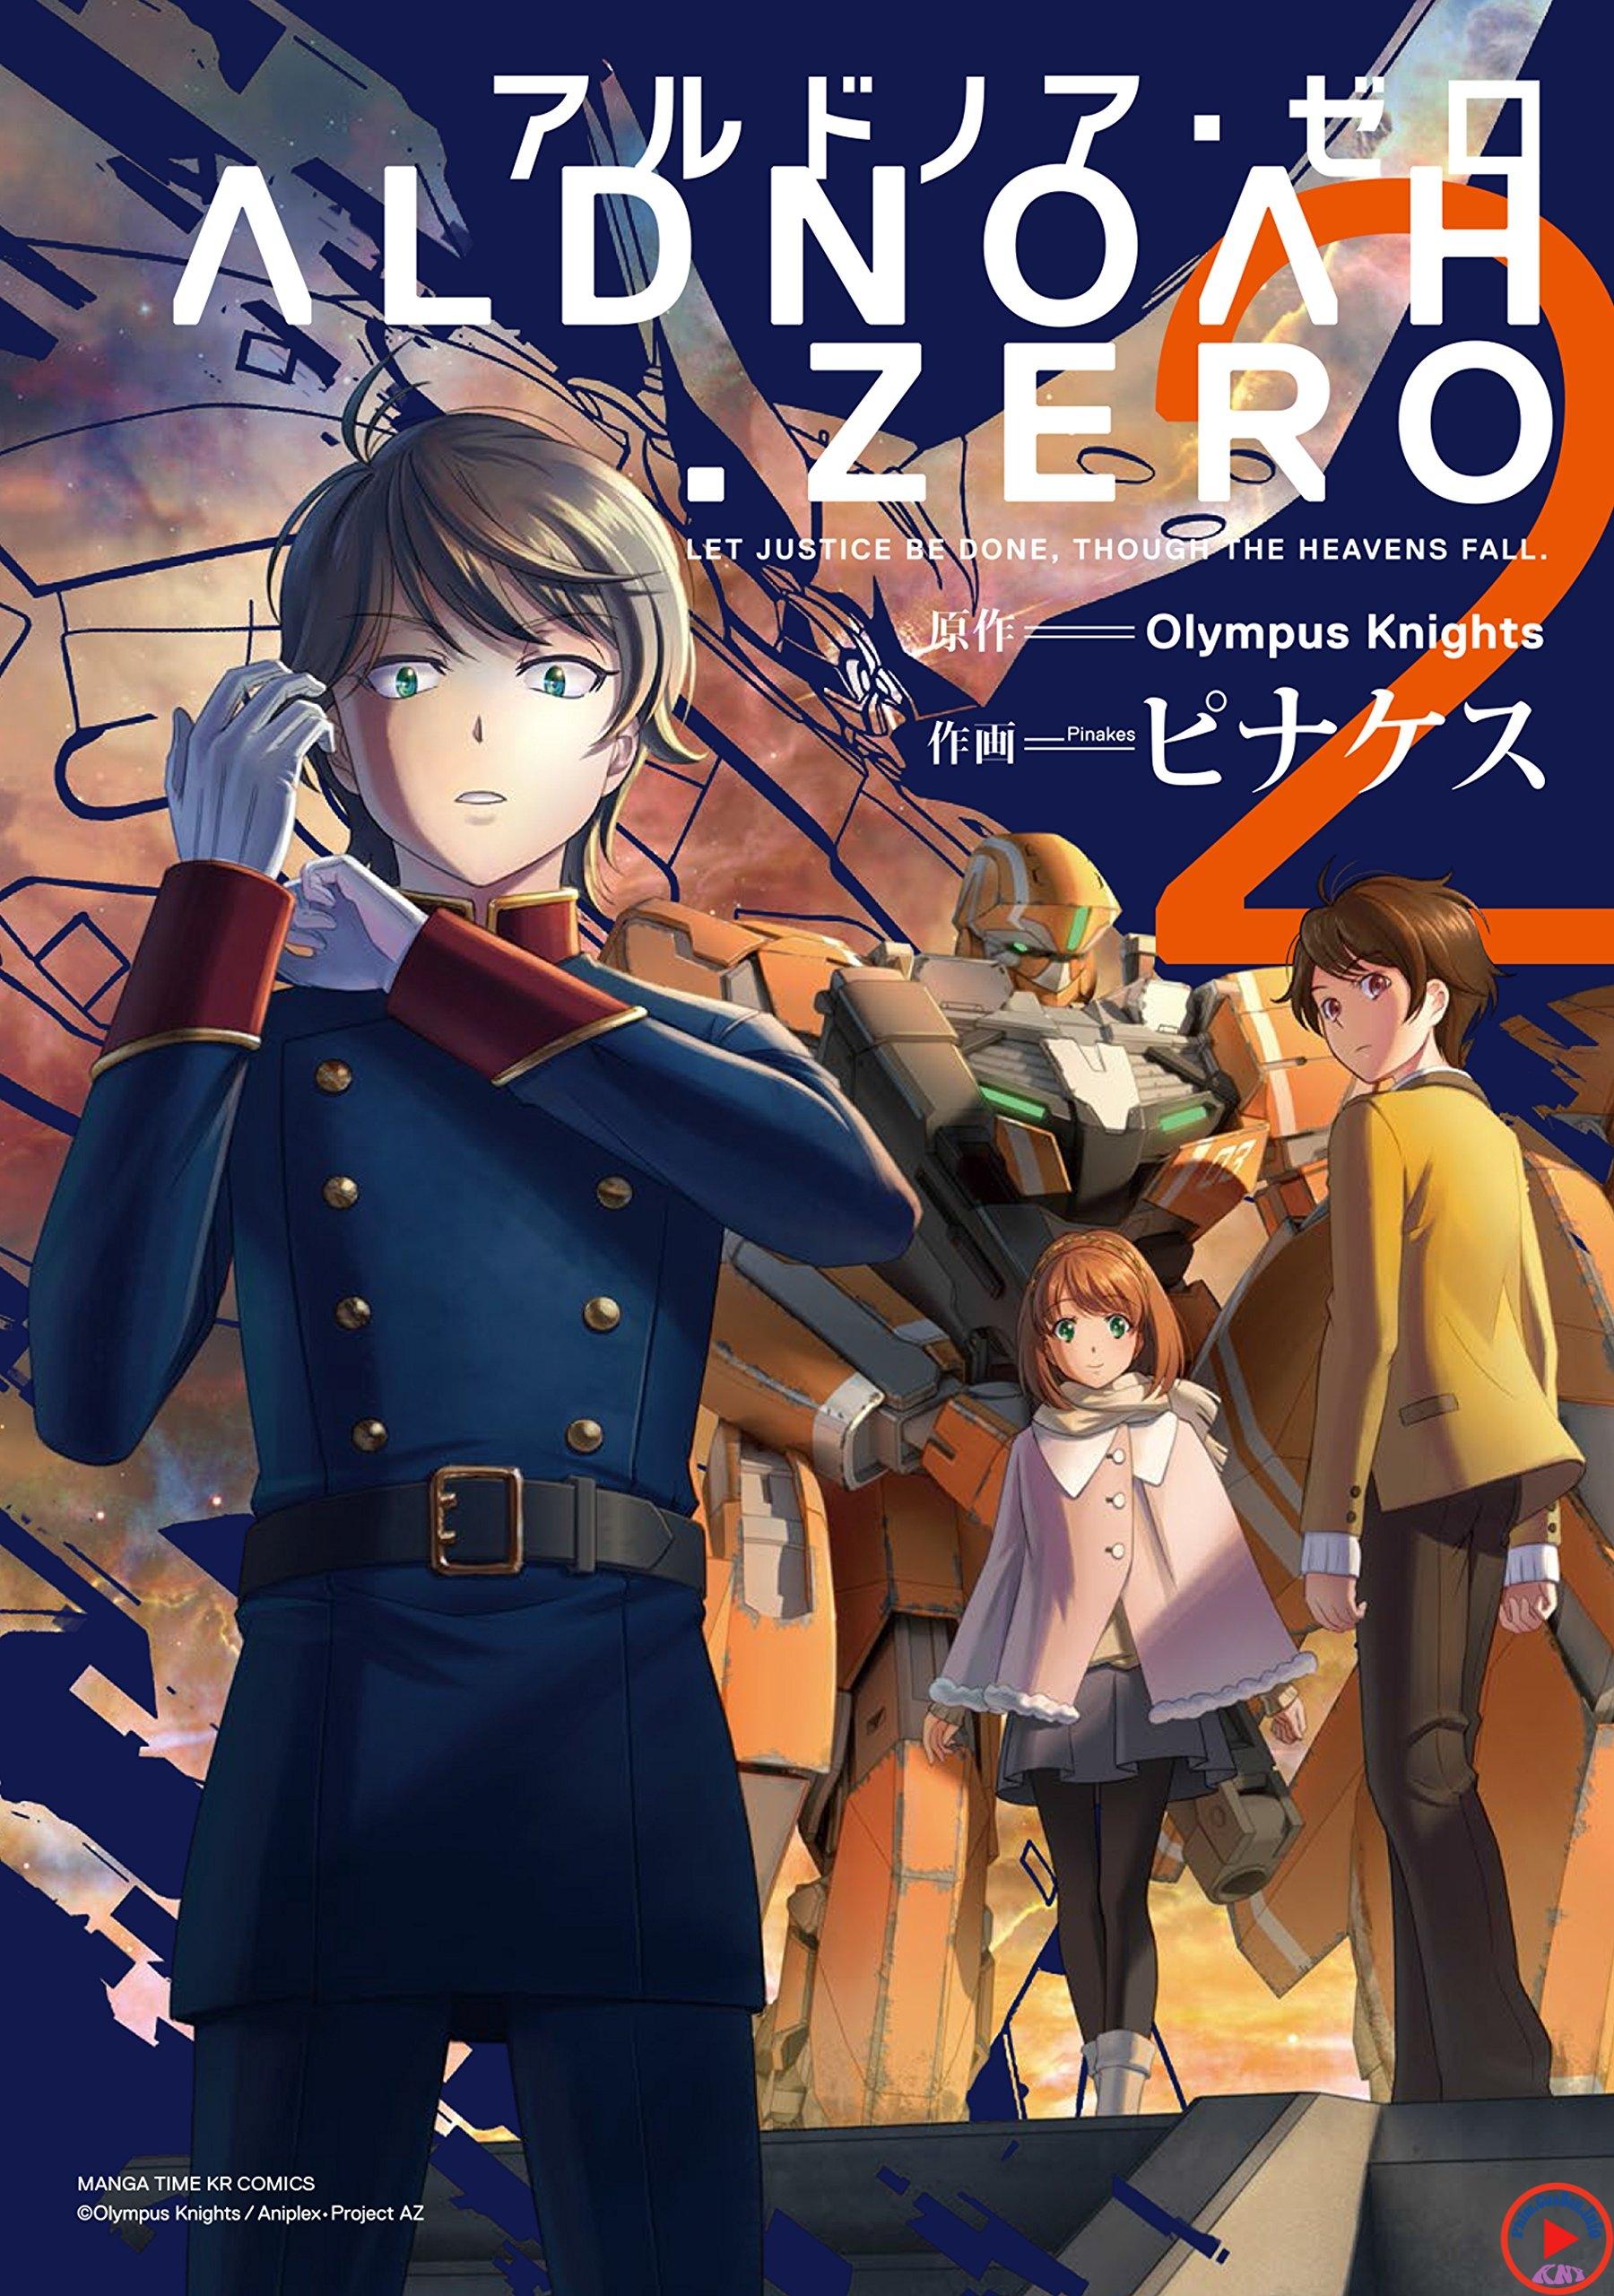 Aldnoah.Zero 2 - Aldnoah.Zero 2nd Season (2015)